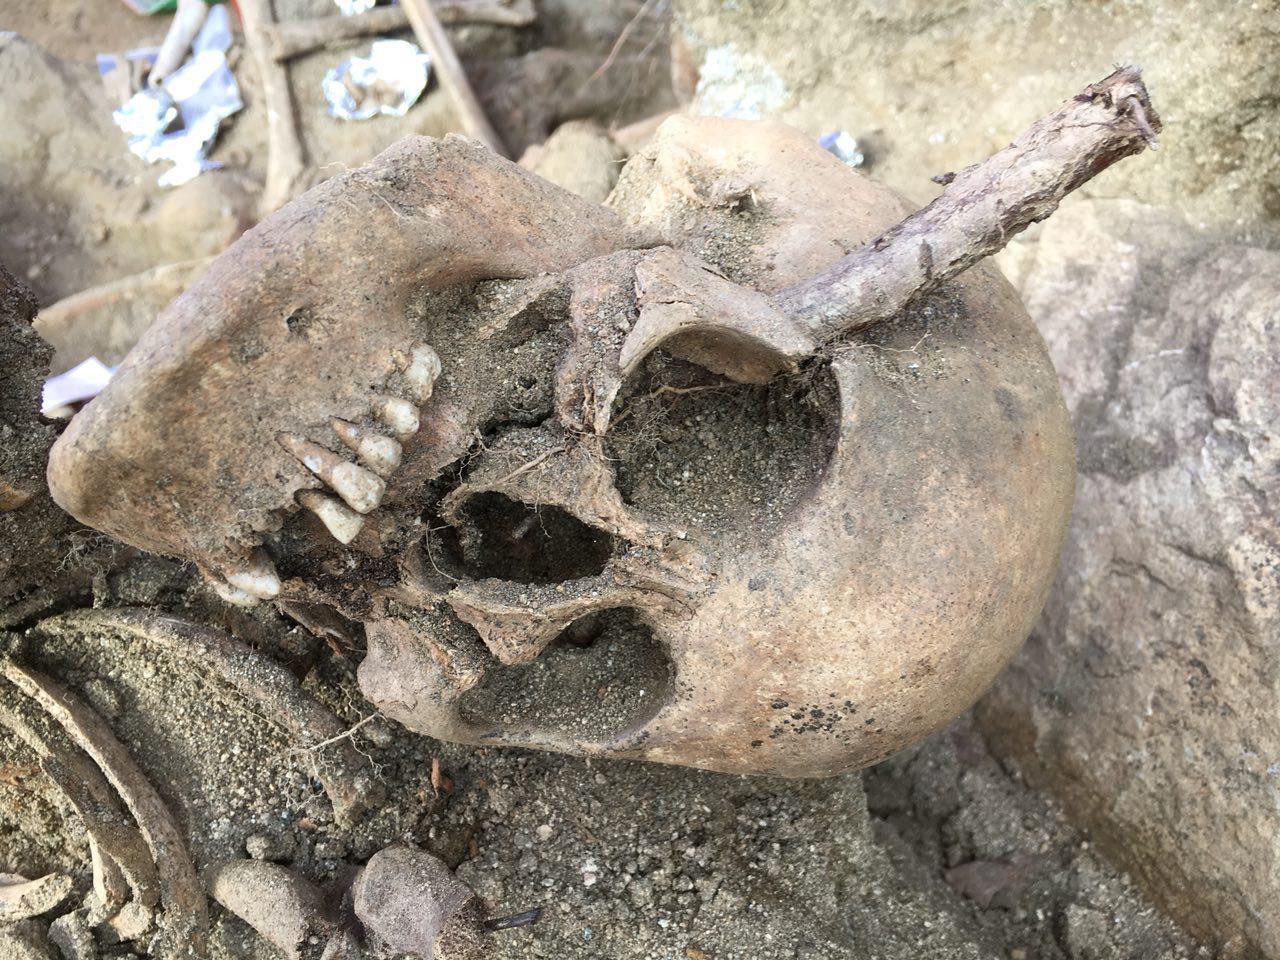 아산시 배방면 중리마을 뒷산 폐금광 유해발굴 현장에서 발굴된 희생자 유해. 지금까지 40여구를 발굴했지만 아직 폐금광 입구가 드러나지 않고 있다.